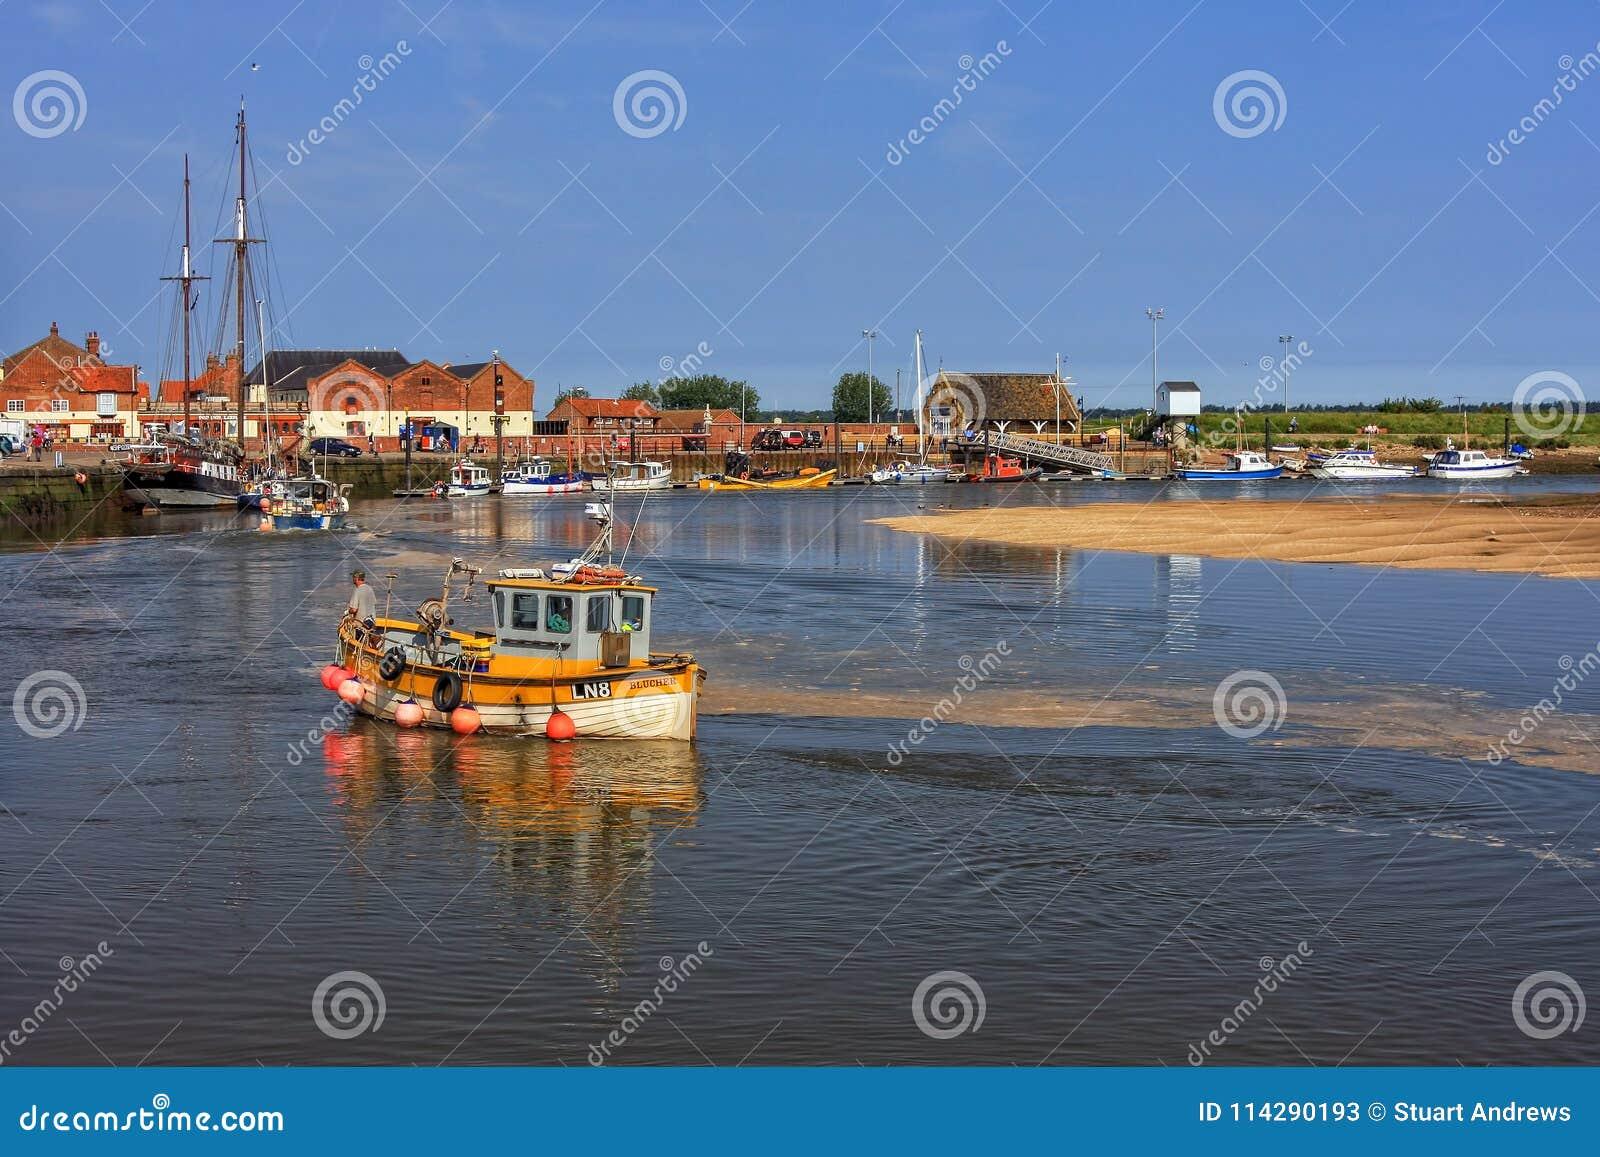 Östlig hastig bred flodmynning och kaj, Brunn-nästa- hav, Norfolk, England